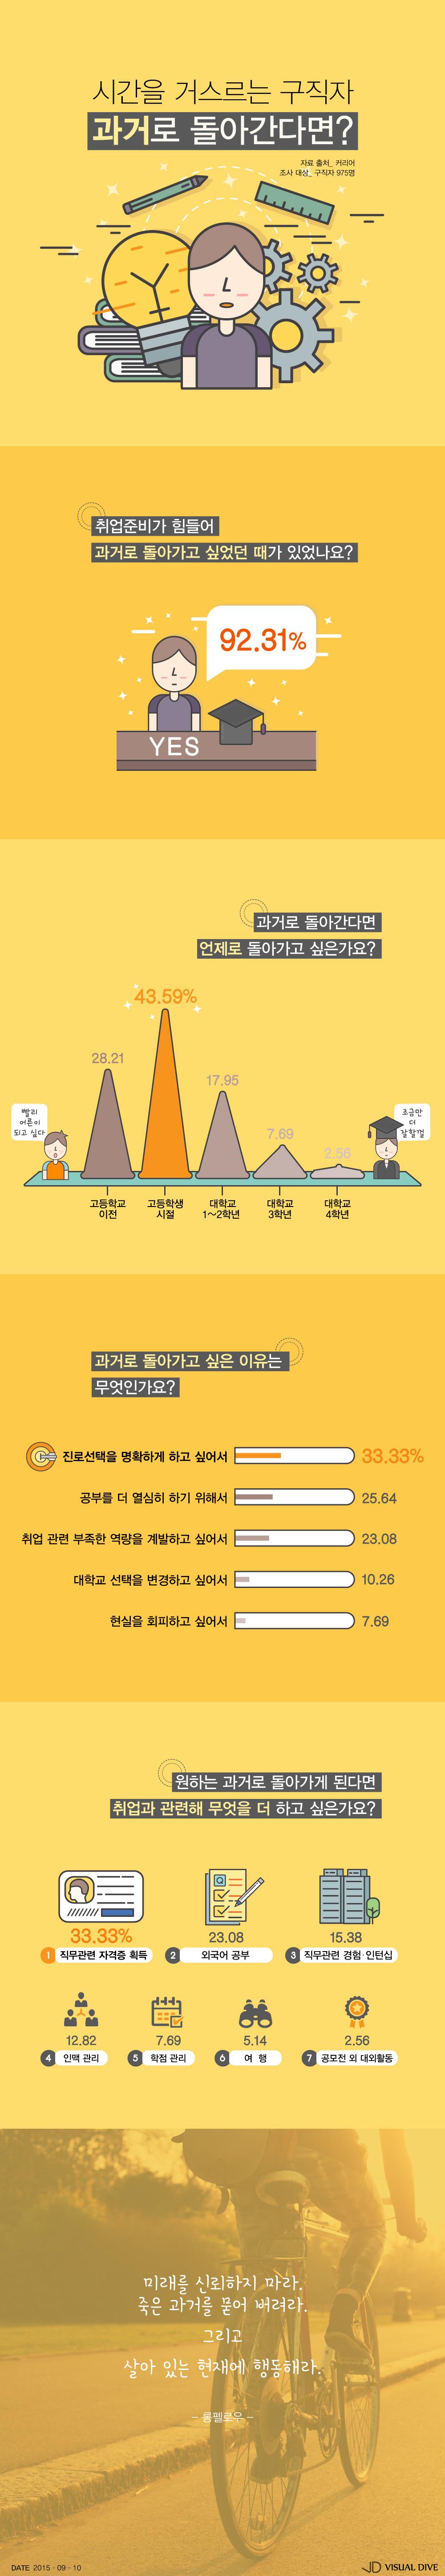 """구직자 10명 중 9명 """"나 고등학생으로 돌아갈래~"""""""